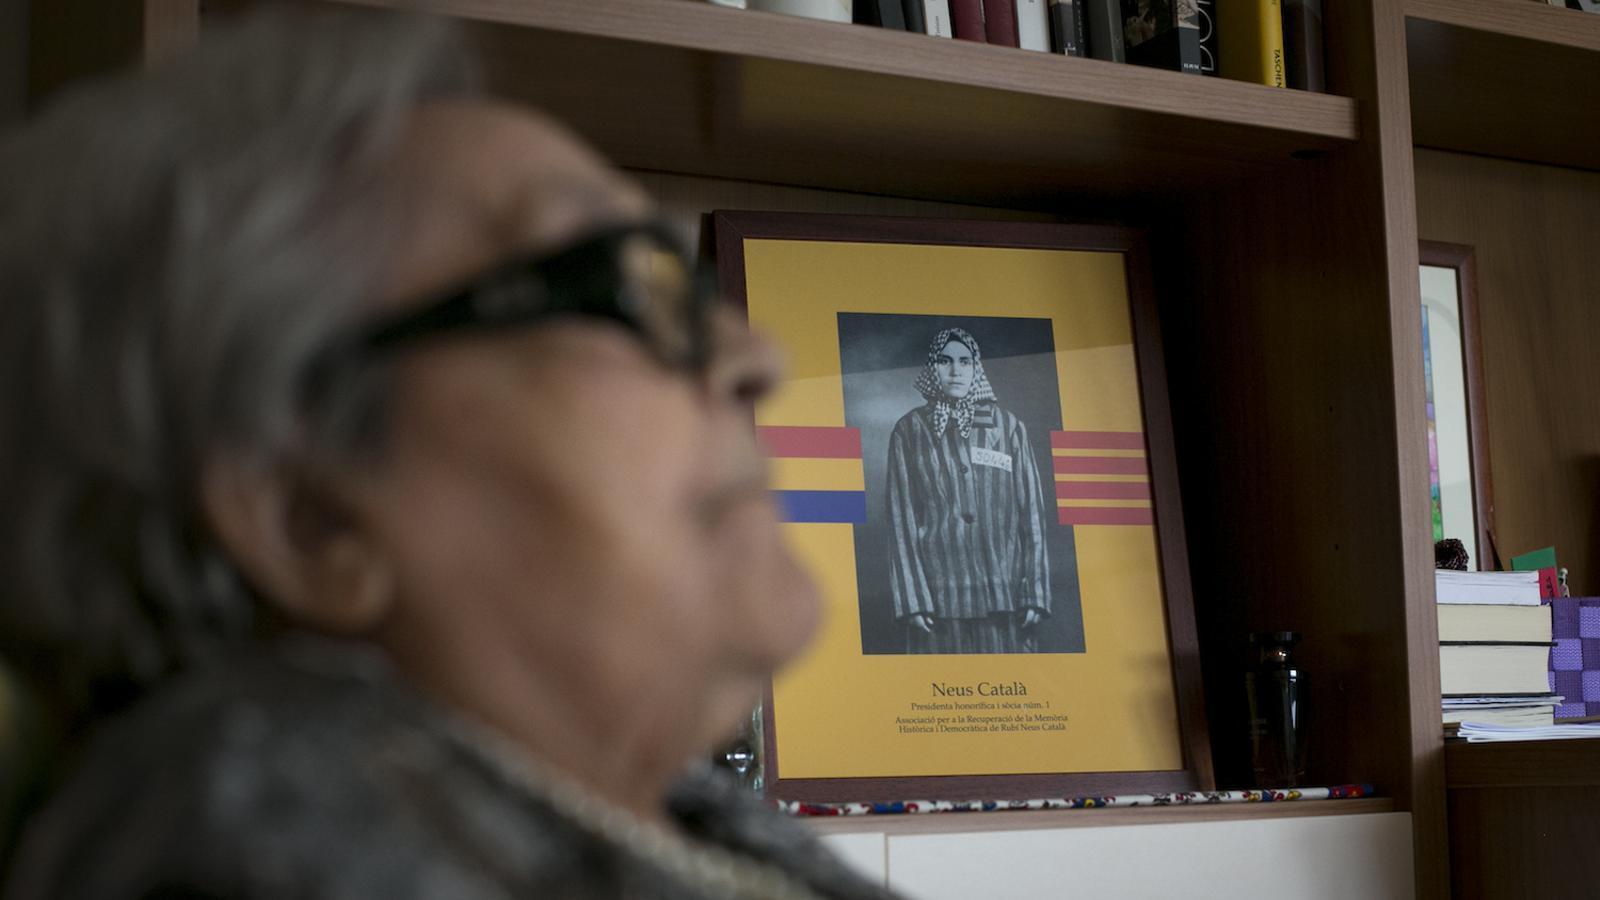 """Neus Català: """"Fa molts anys que em voldrien morta"""""""